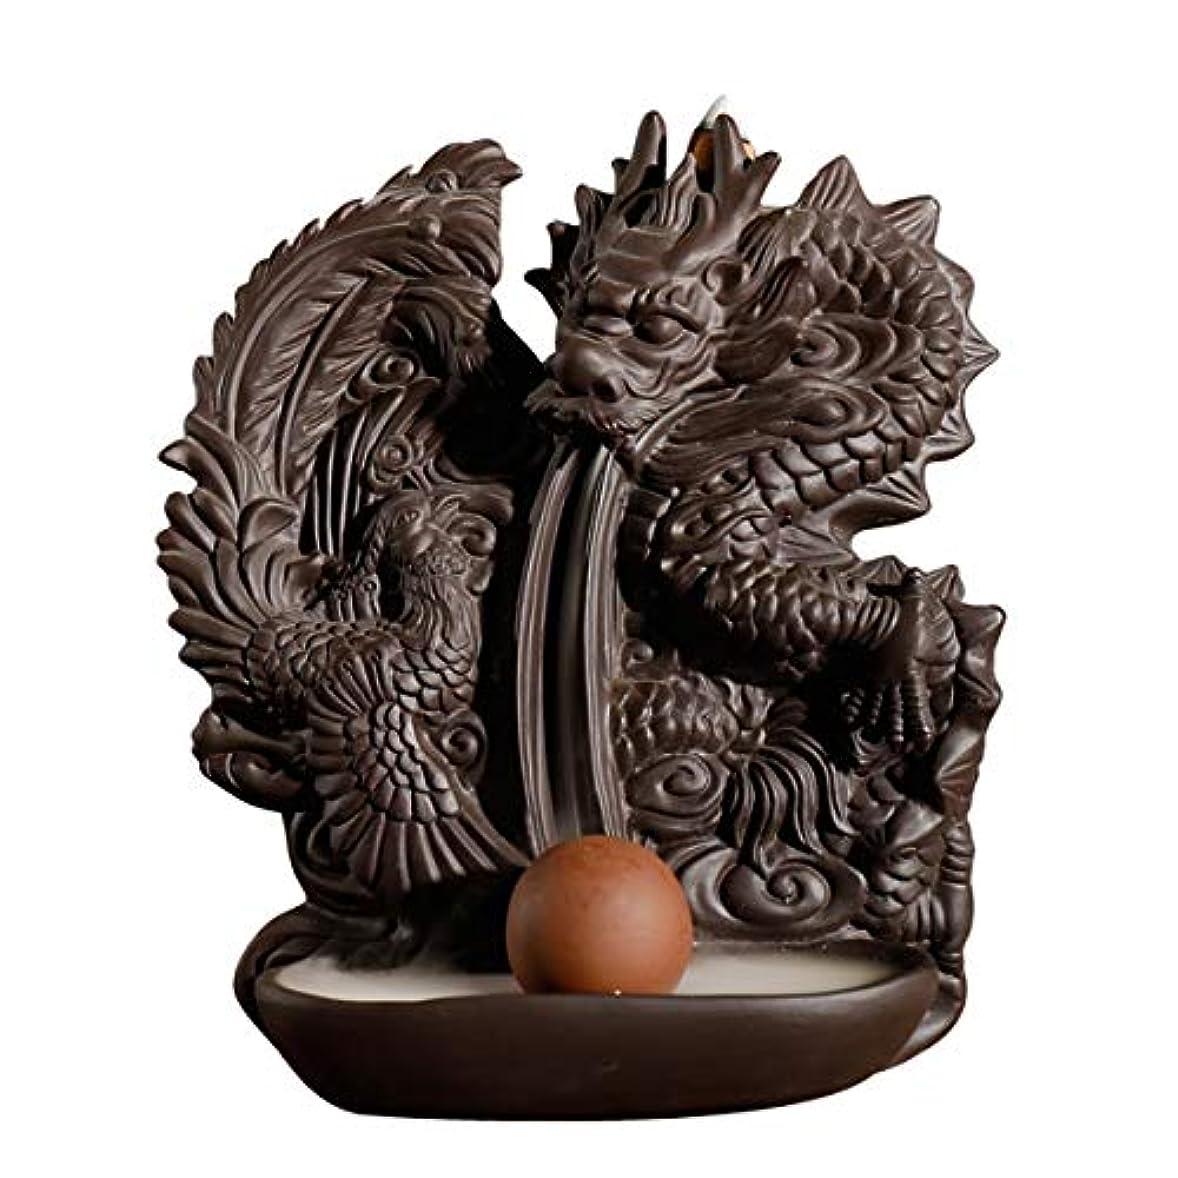 石灰岩バンカー食品ドラゴン逆流香バーナー手作りセラミックドラゴン香ホルダービーズ香コーン理想的なギフト家の装飾